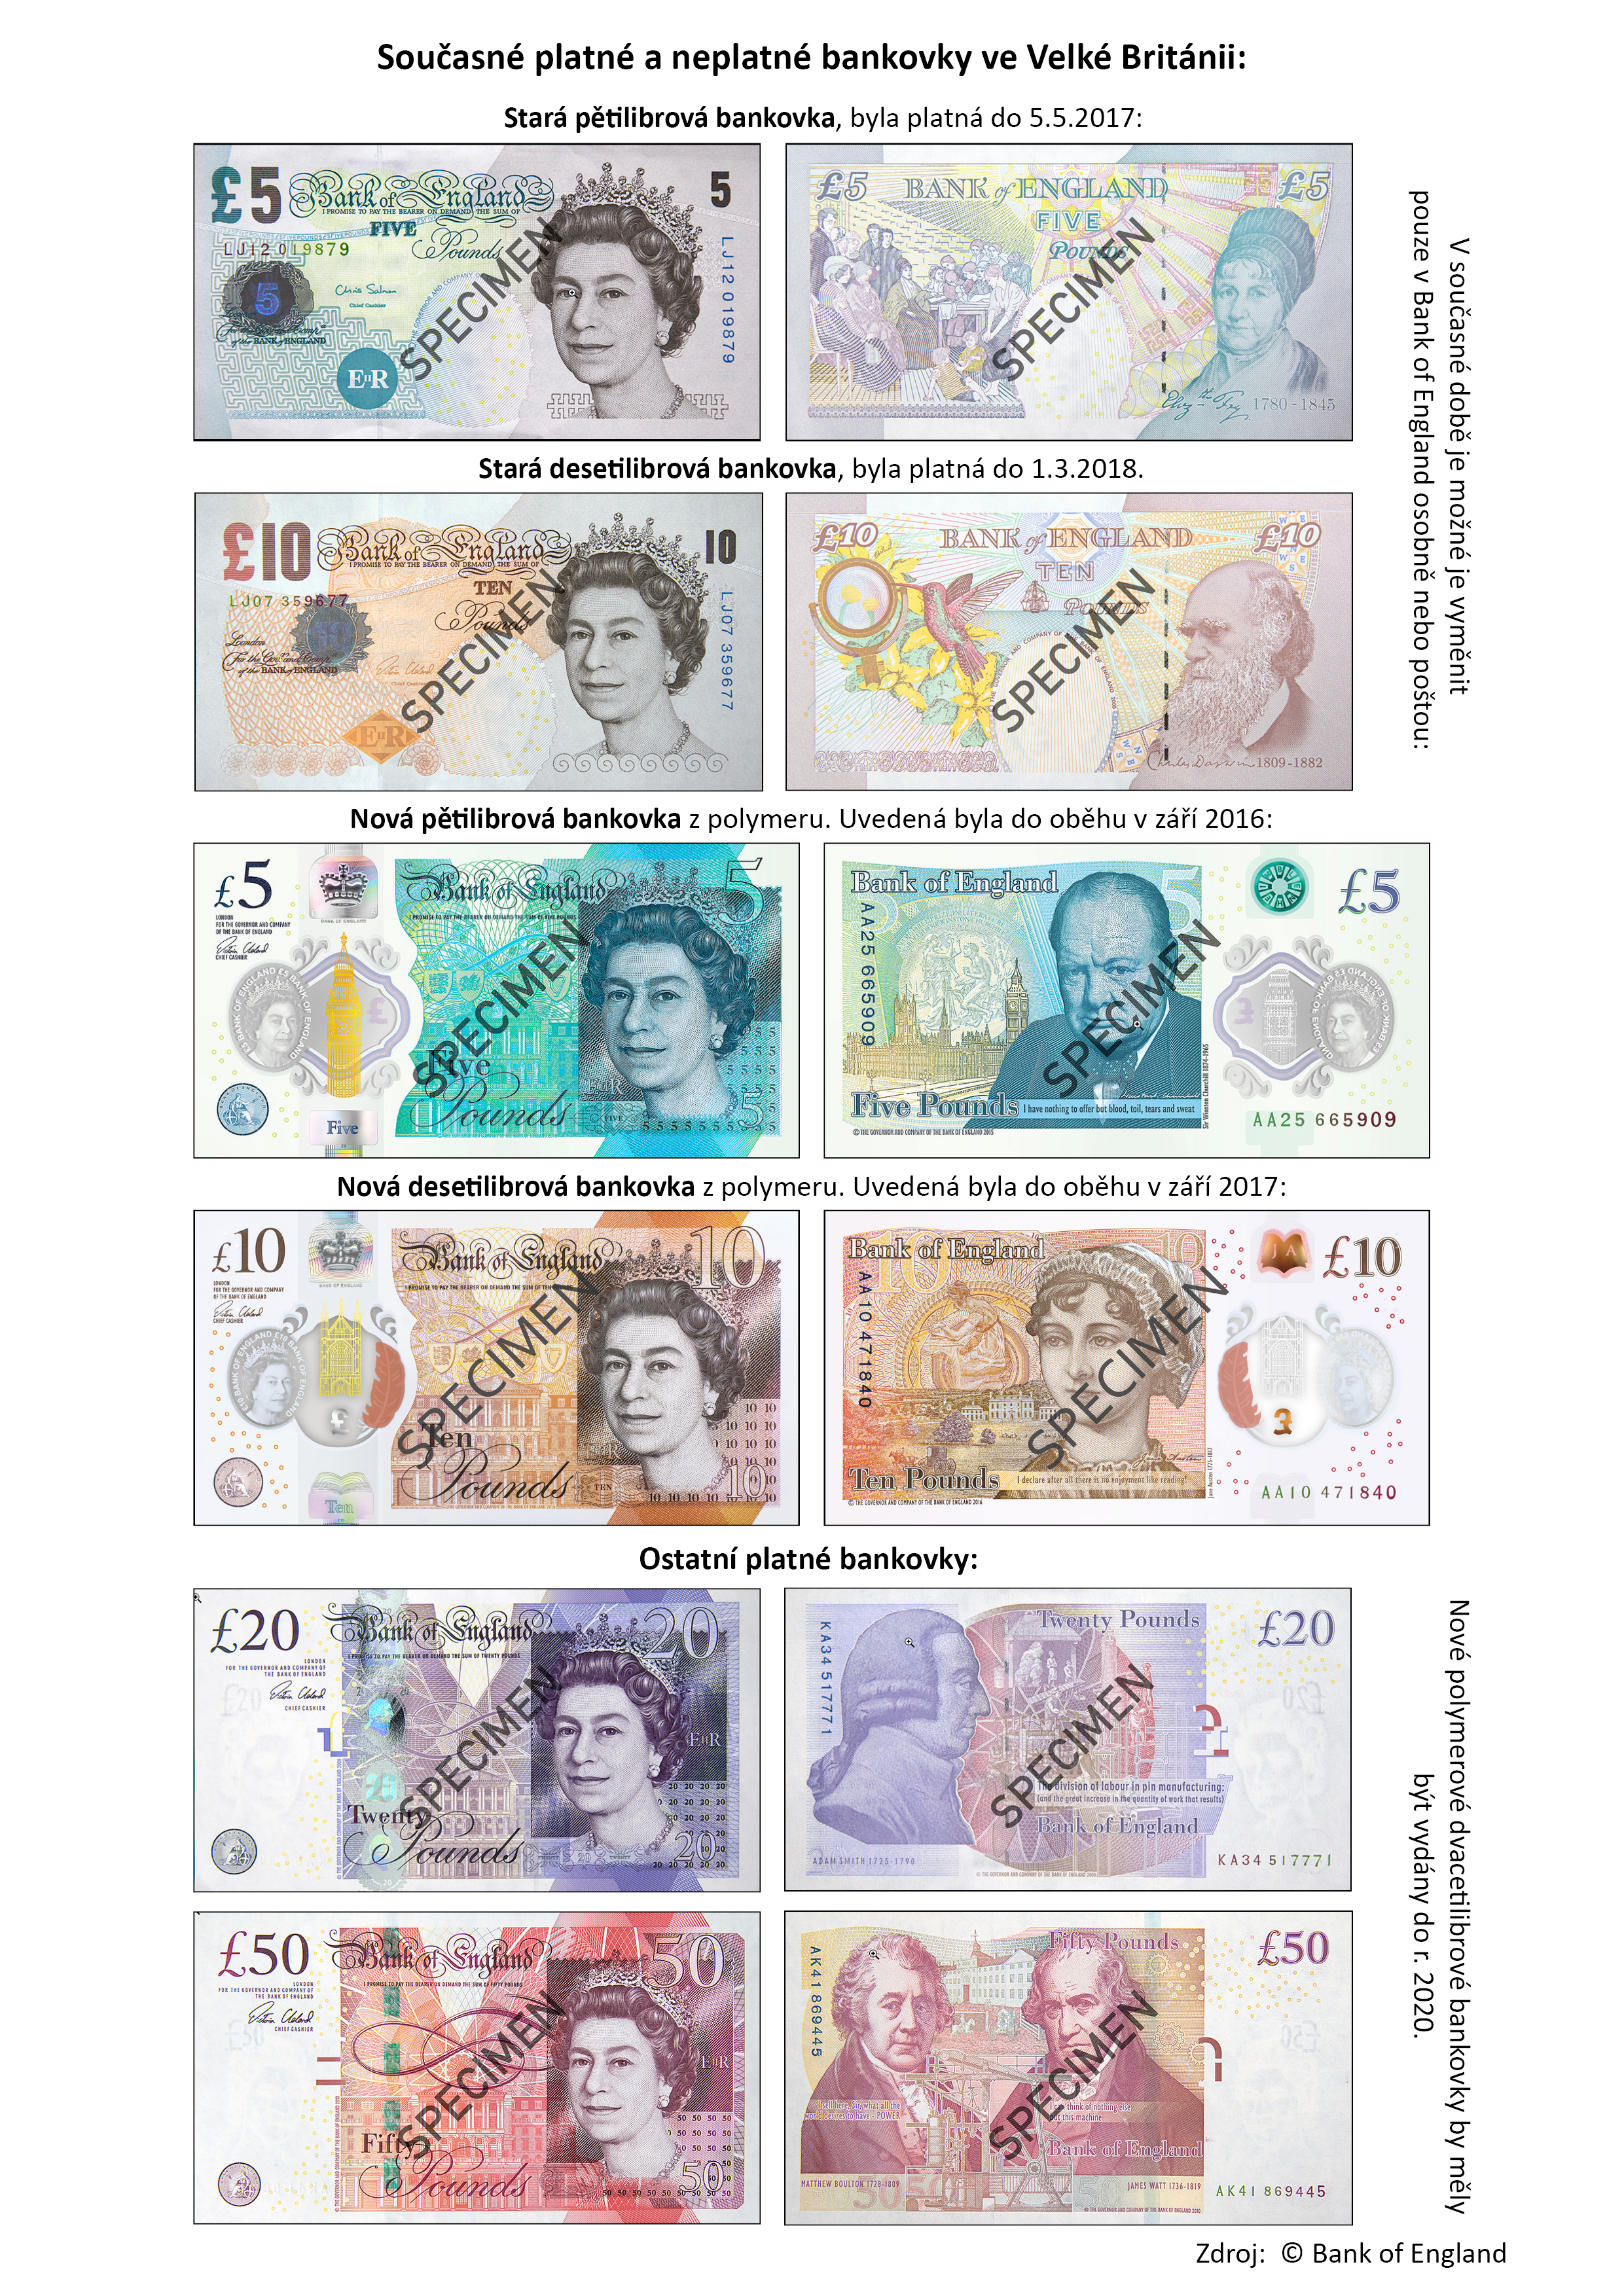 bankovky UK 11-2017.jpg